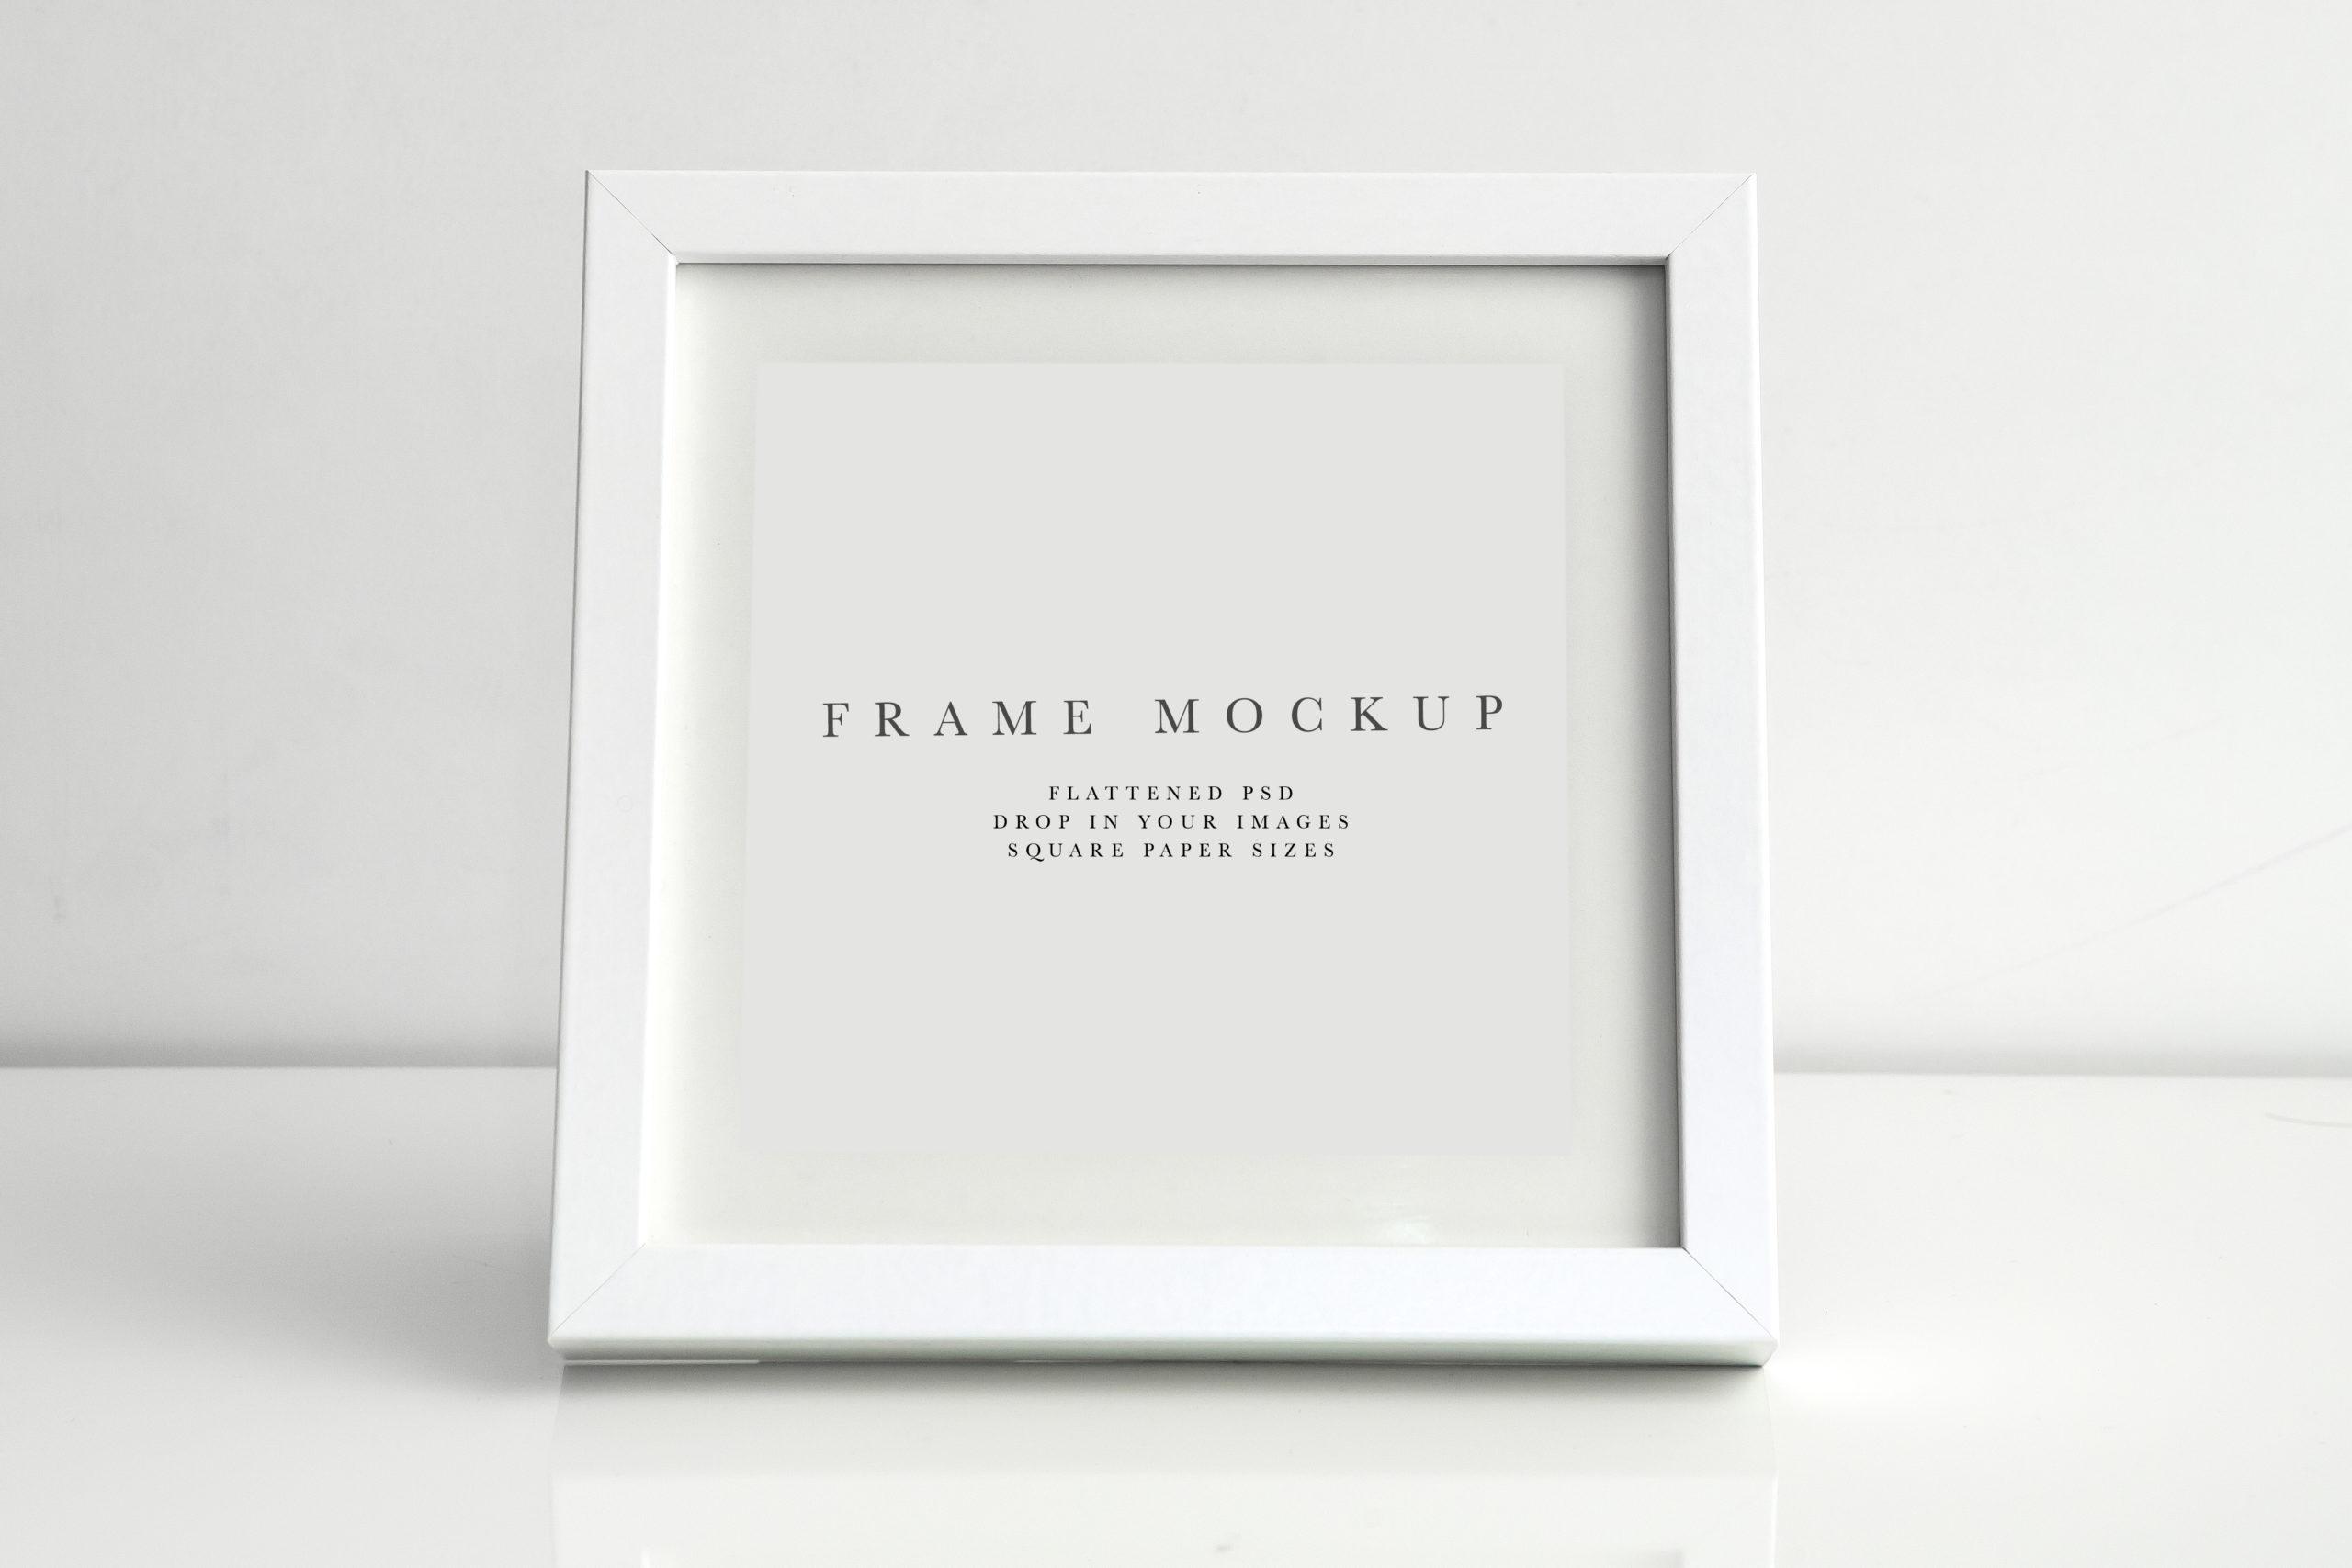 Poster Mockup Frame Mock Up Frame Stock Photo Styled Stock Photografy Styled Frame Empty Frame Mockup Frame Mockup White Frame Mockup